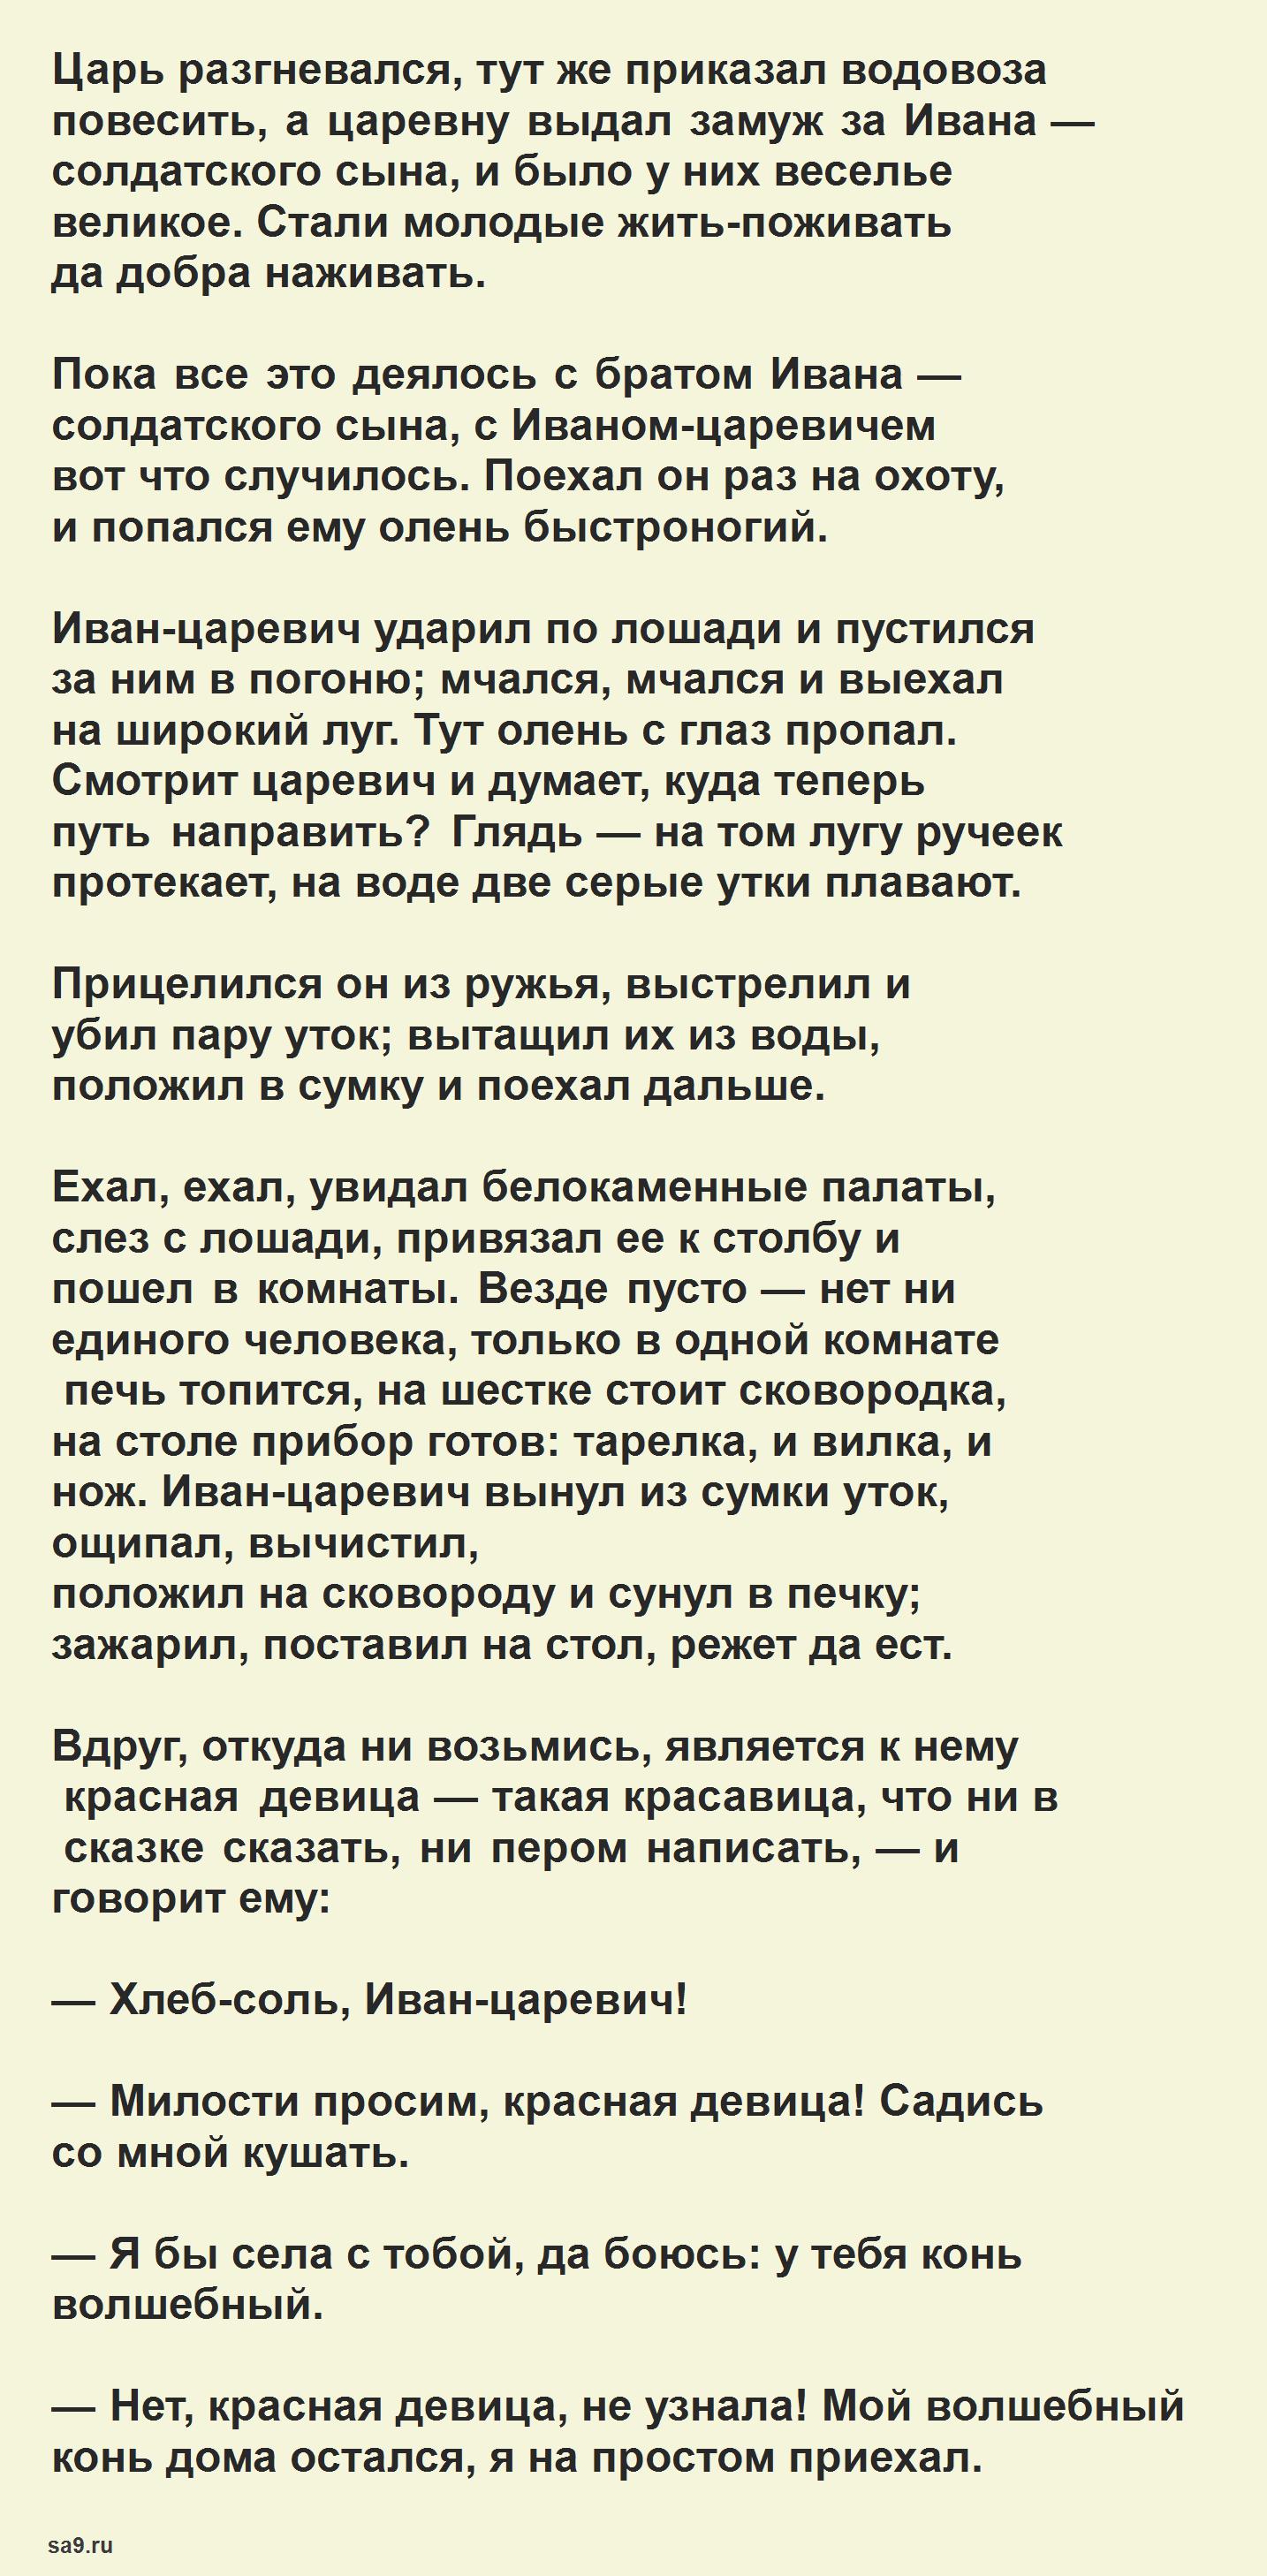 Читать русскую народную сказку - Два Ивана солдатских сына, для детей